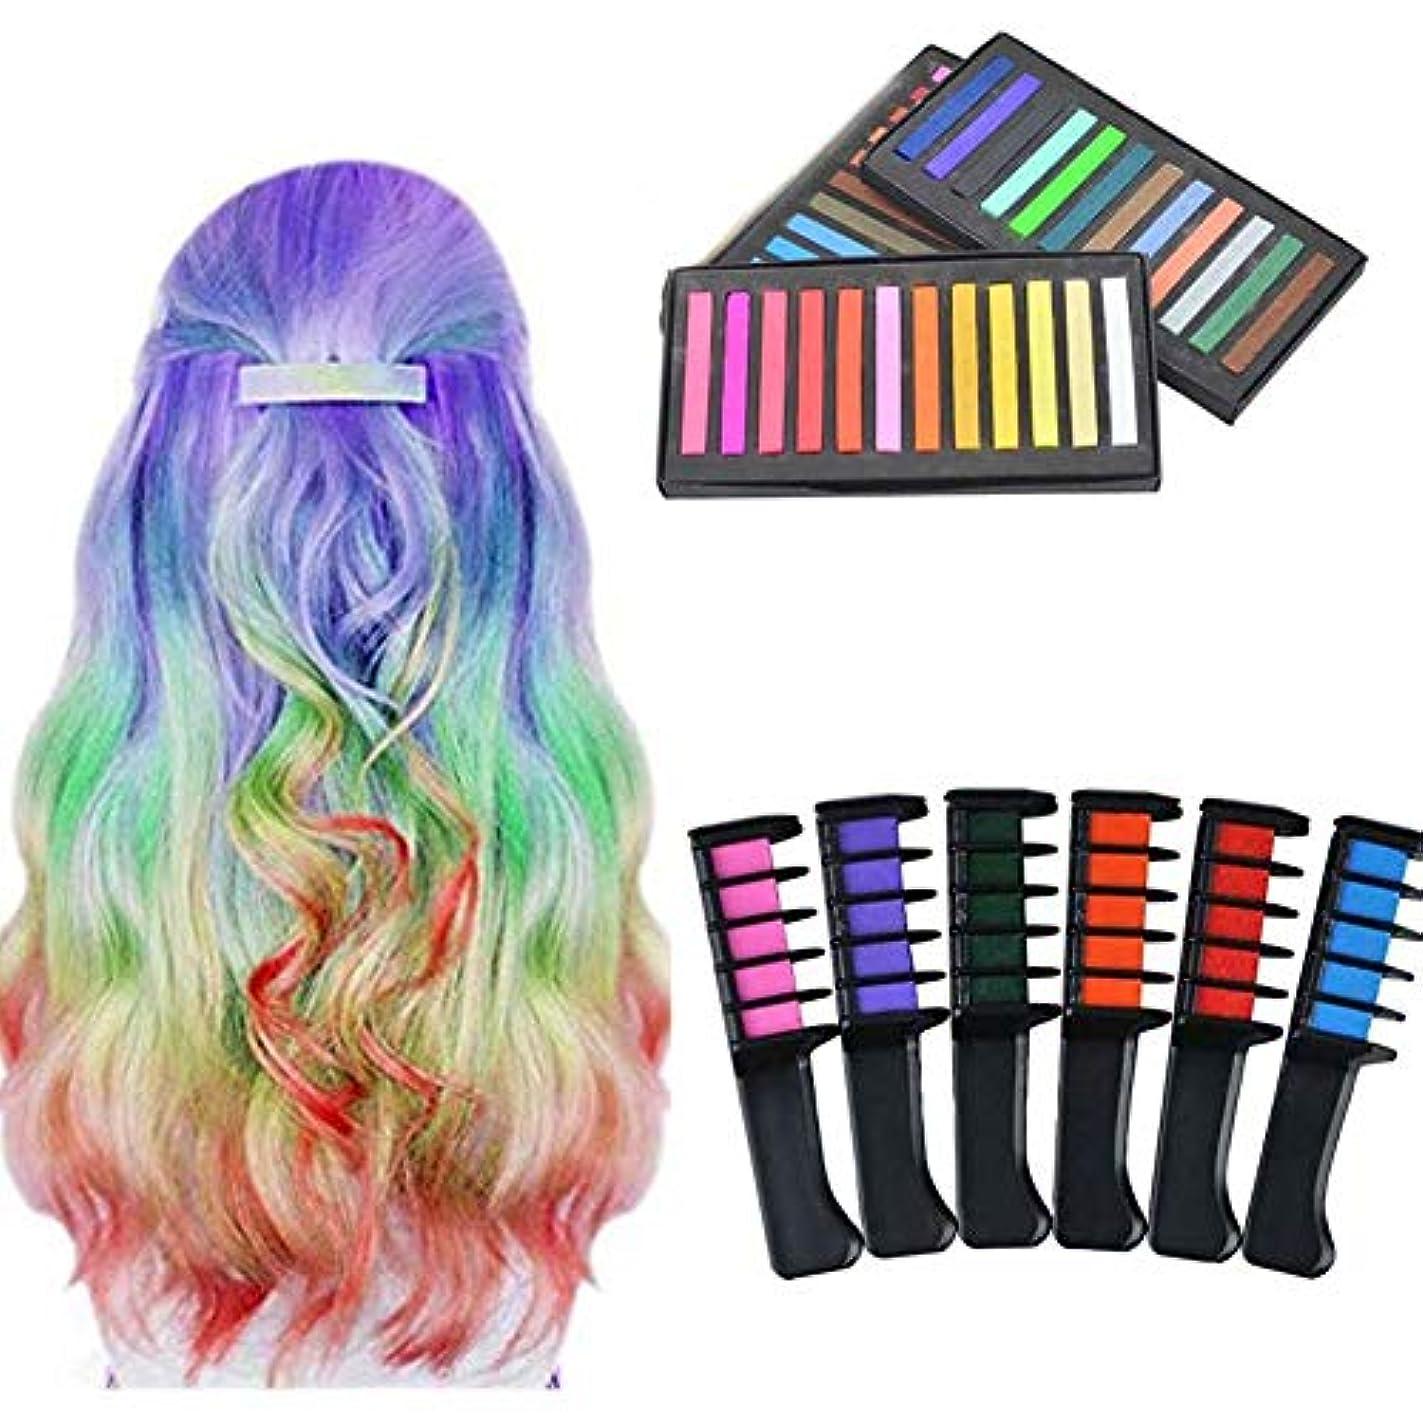 スラム街反乱寸前キッズパーティー洗える髪染めペットキット(6色+ 36色ヘアスティック)のための髪染料チョーク櫛一時的な色